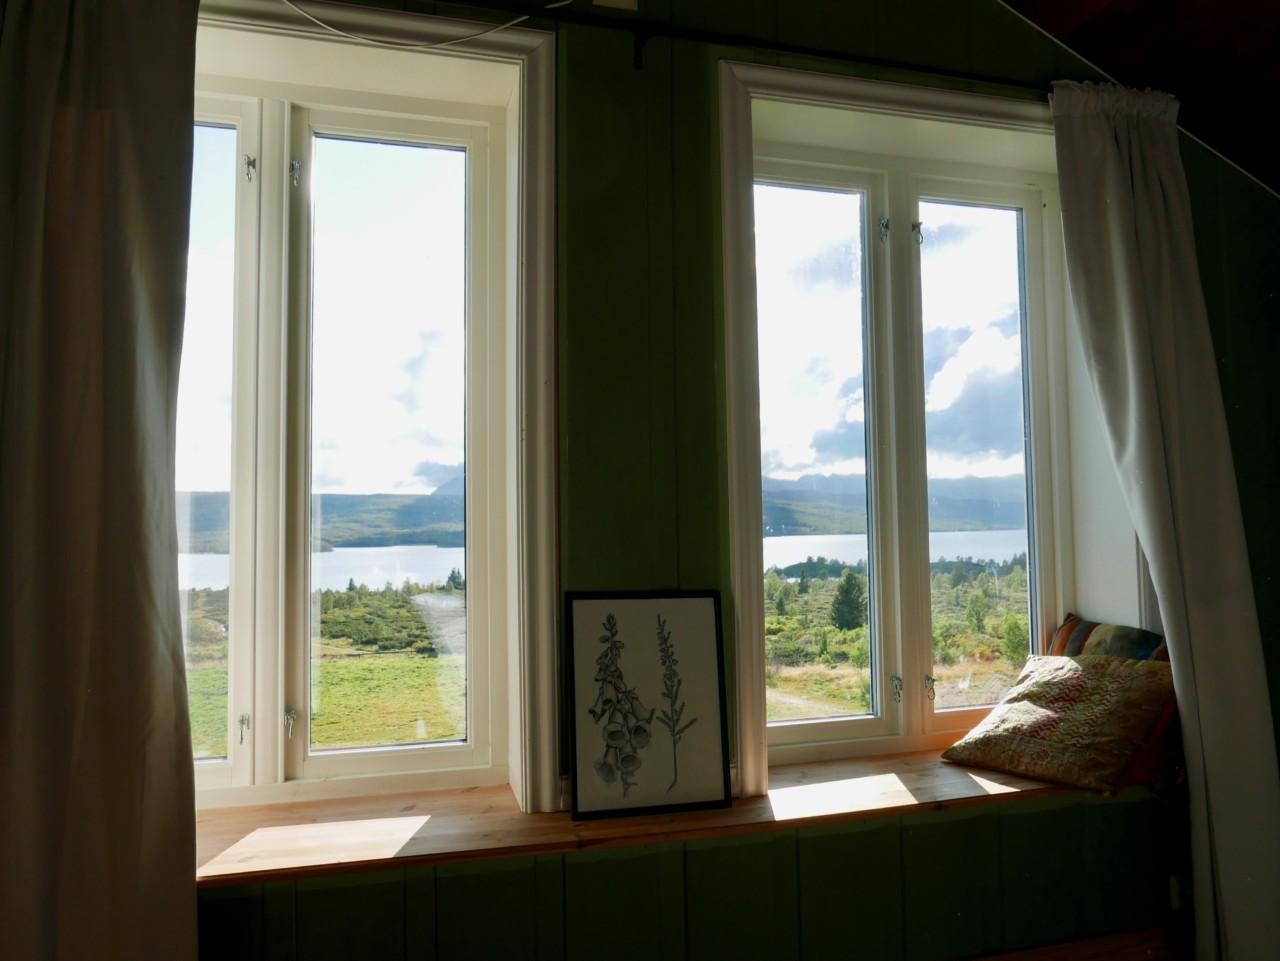 utsikten-fra-vinduet-mitt-nosen-feminin-yoga